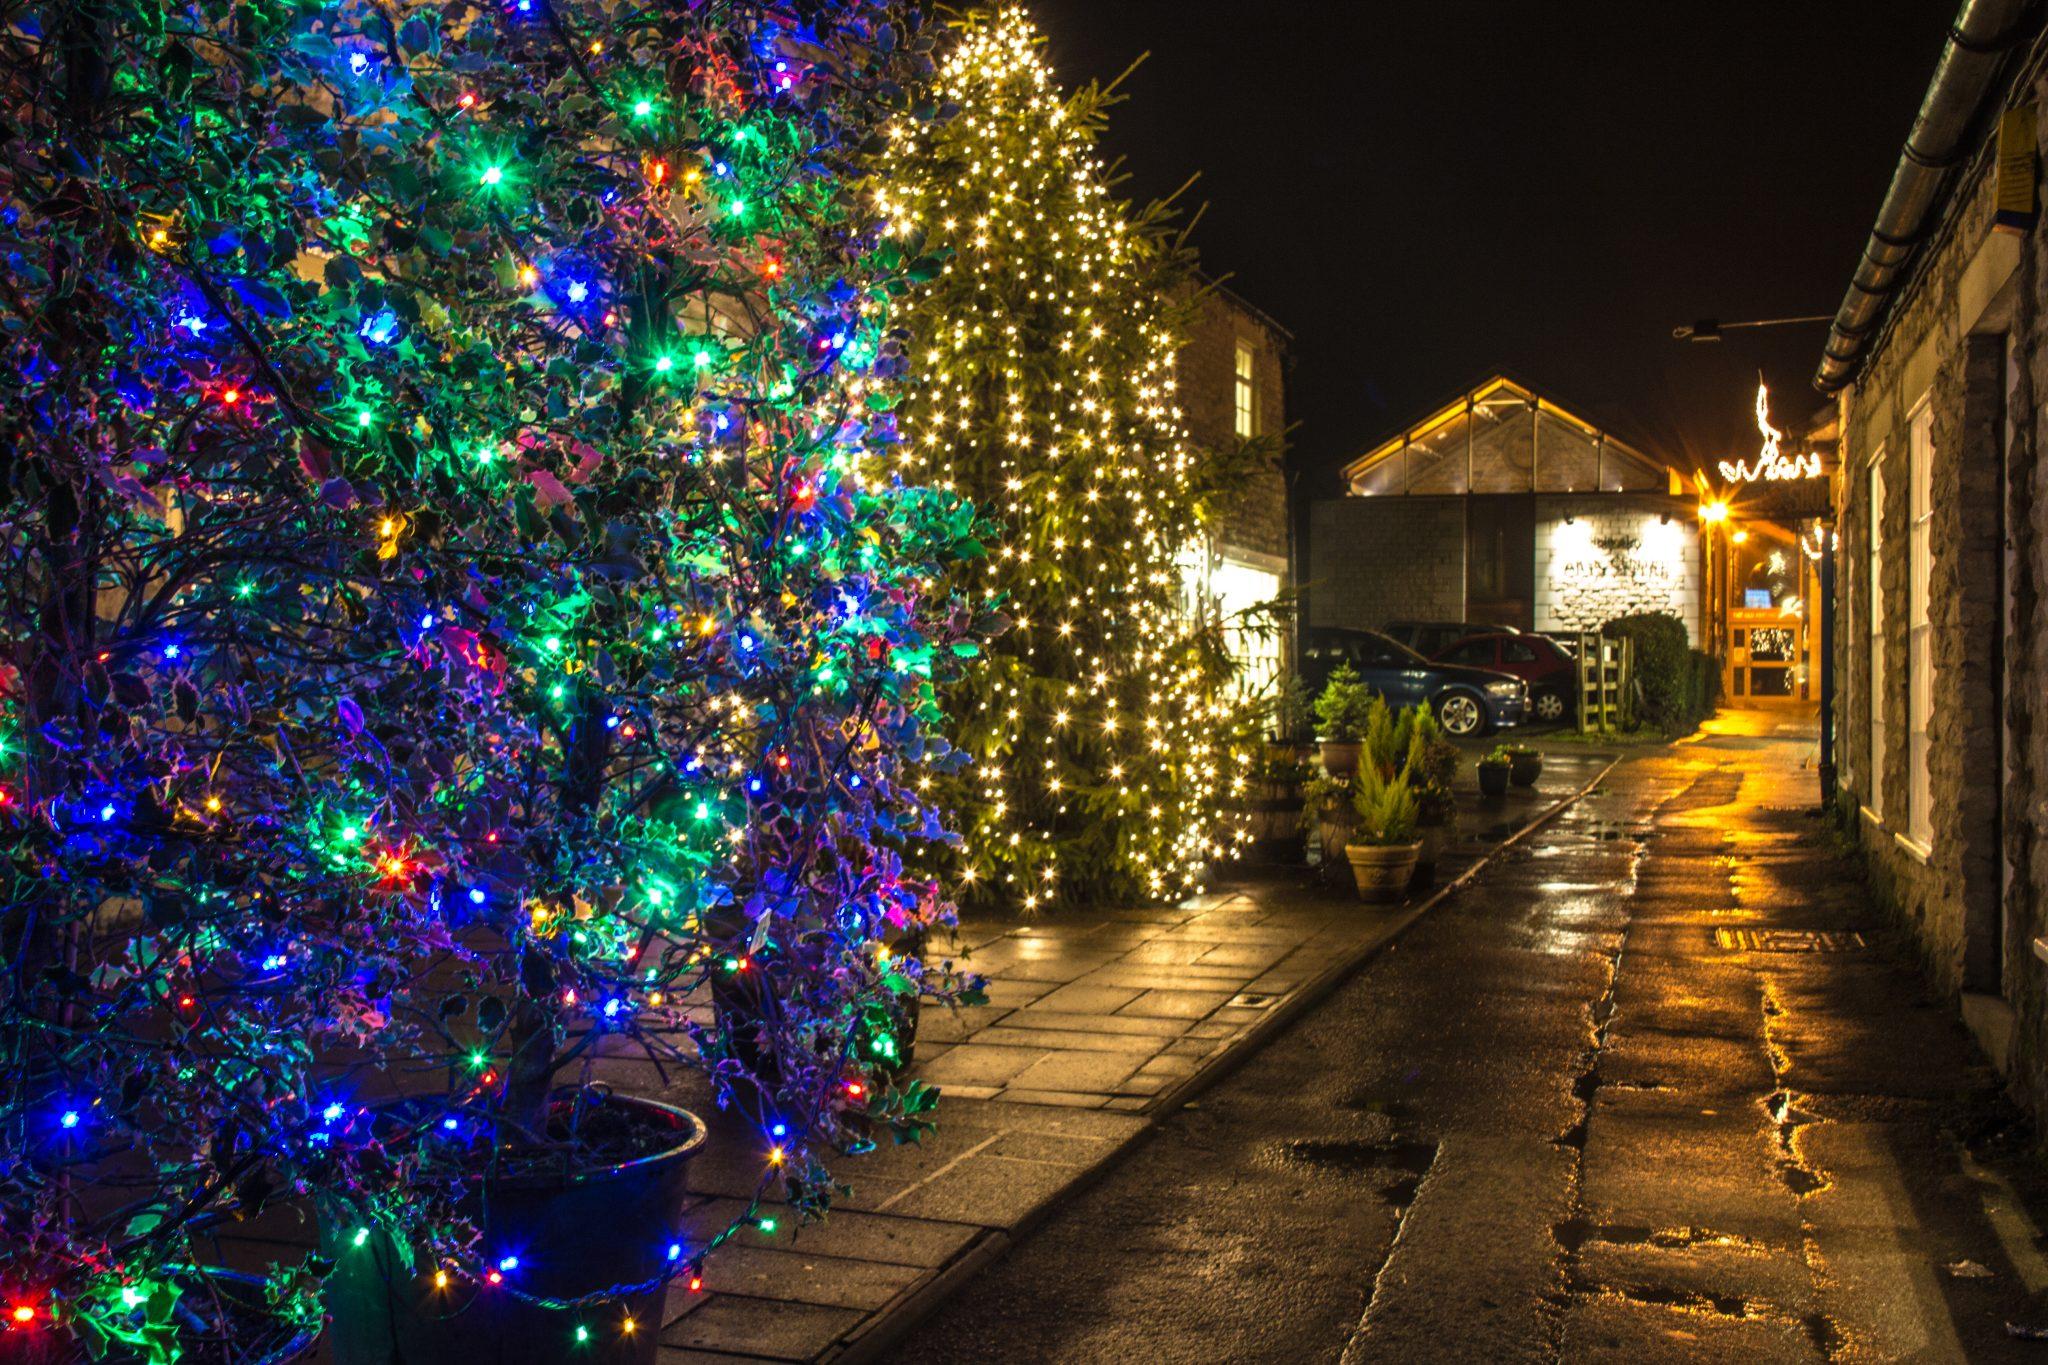 Begeleide Kerstreis naar York en omgeving afreis 03 december 2017 10